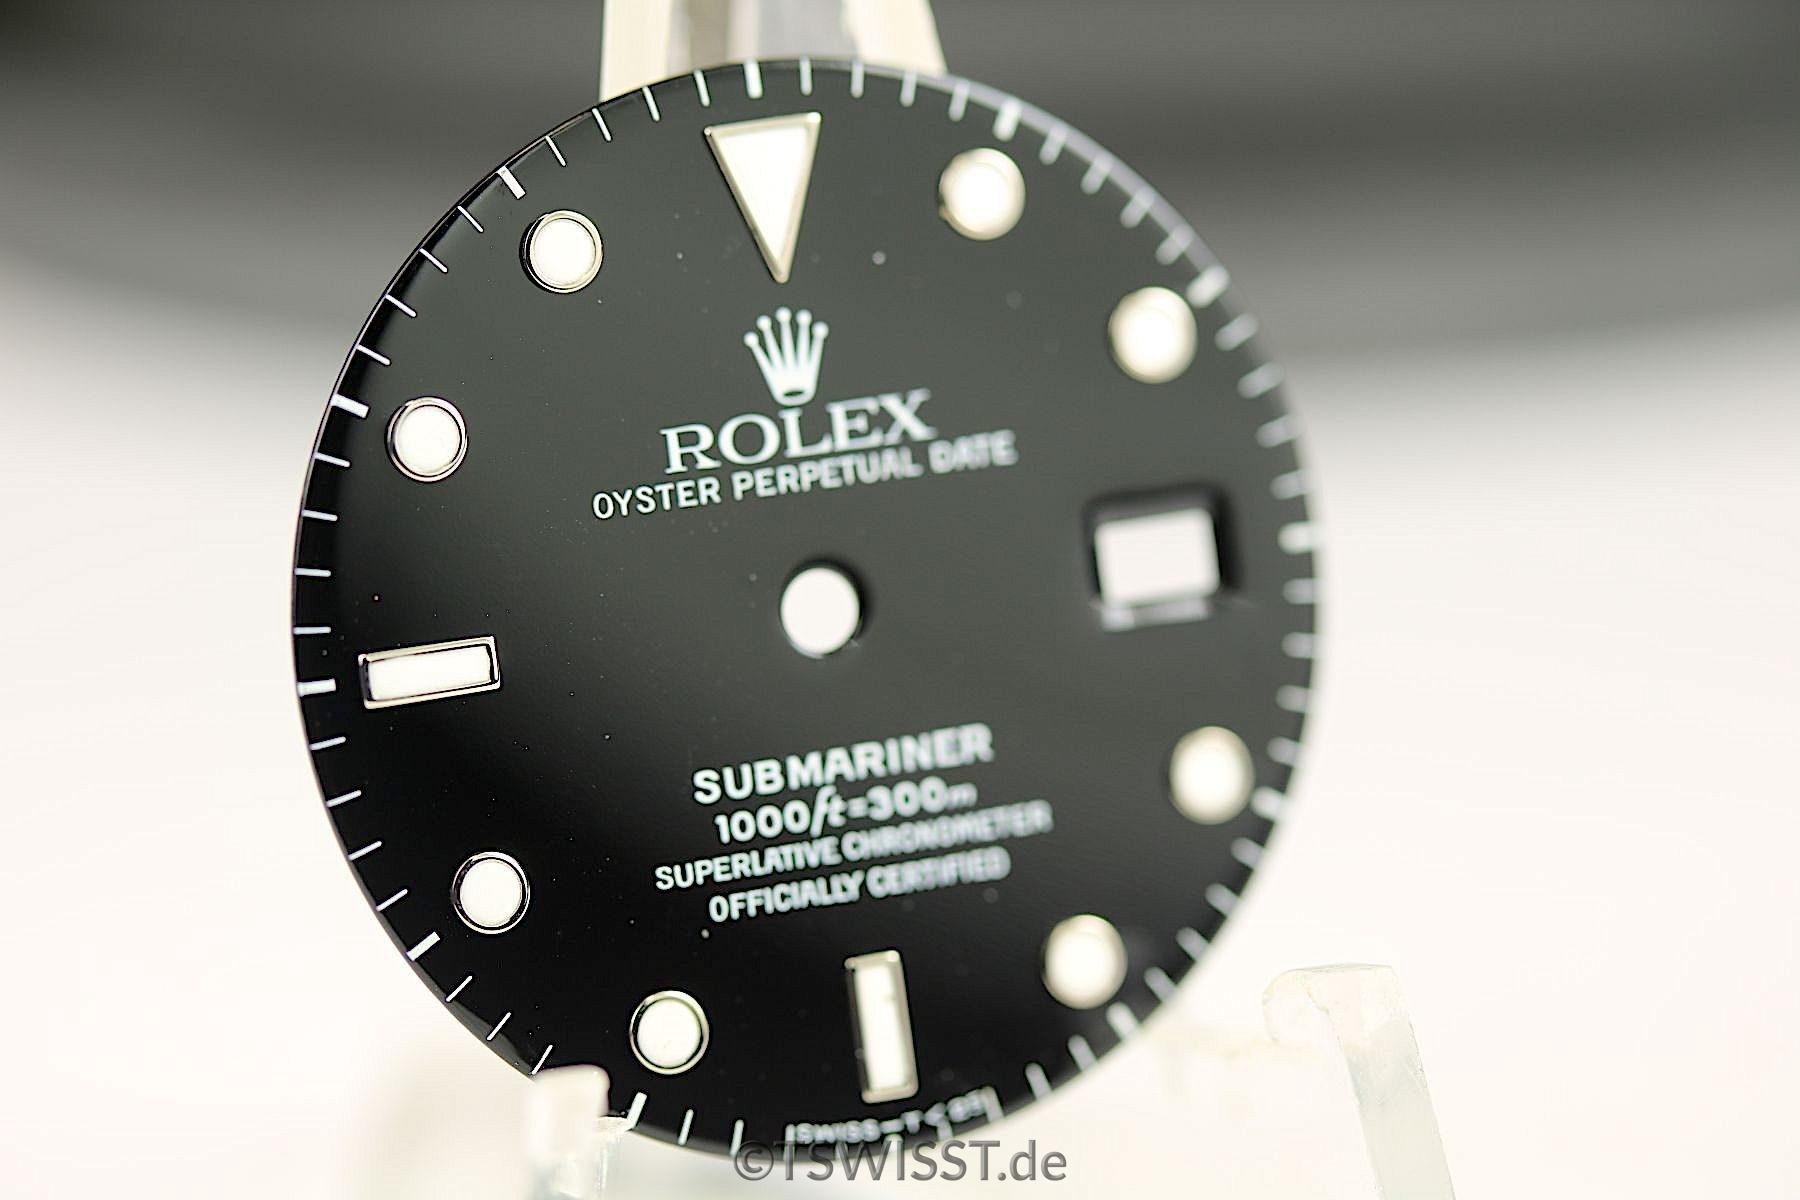 Rolex Submariner 16610/16800 dial